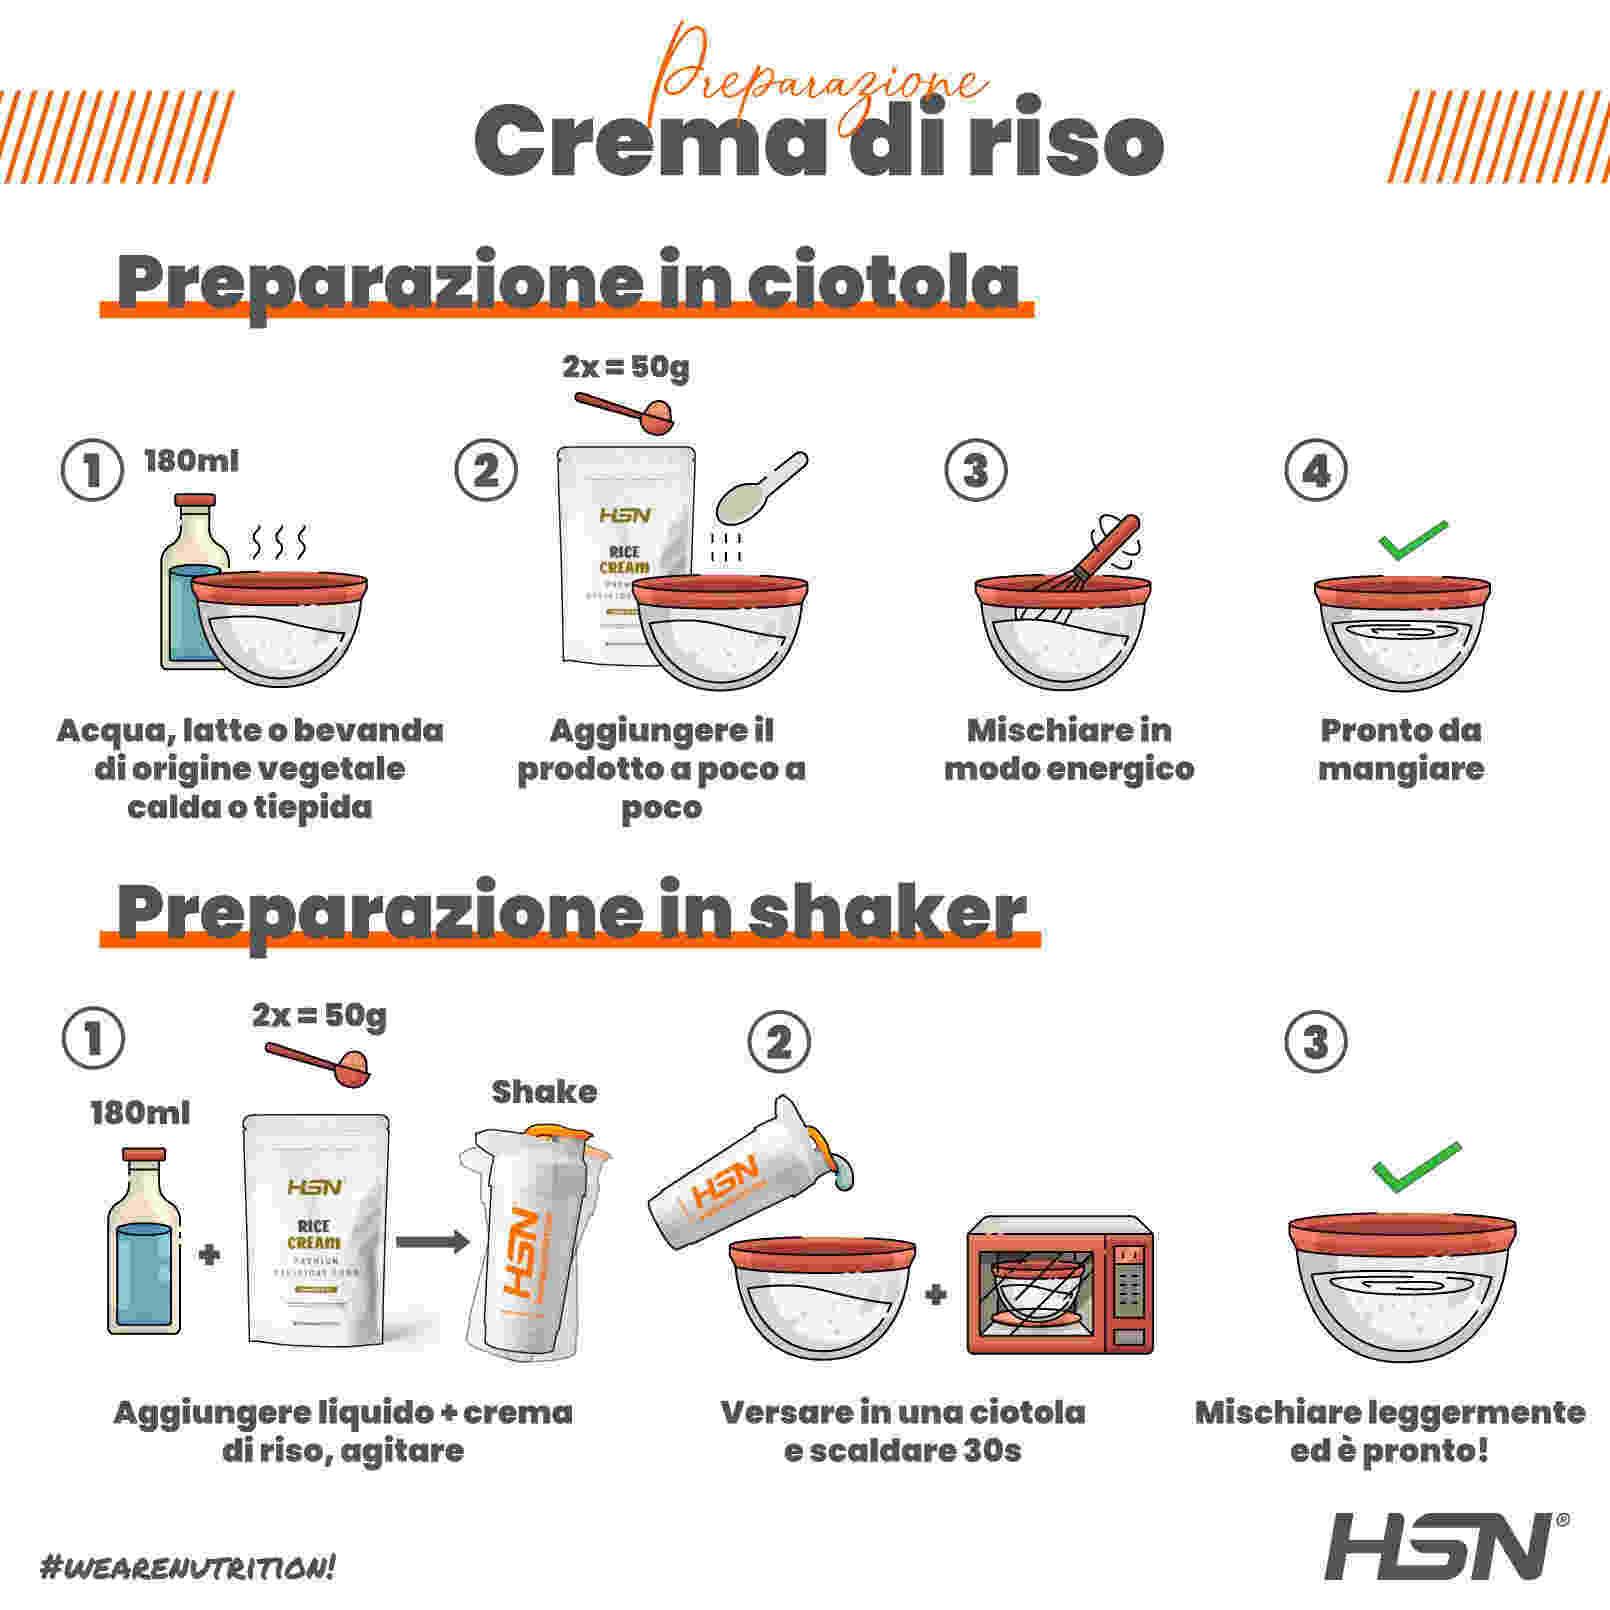 Come Prendere la Crema de Riso